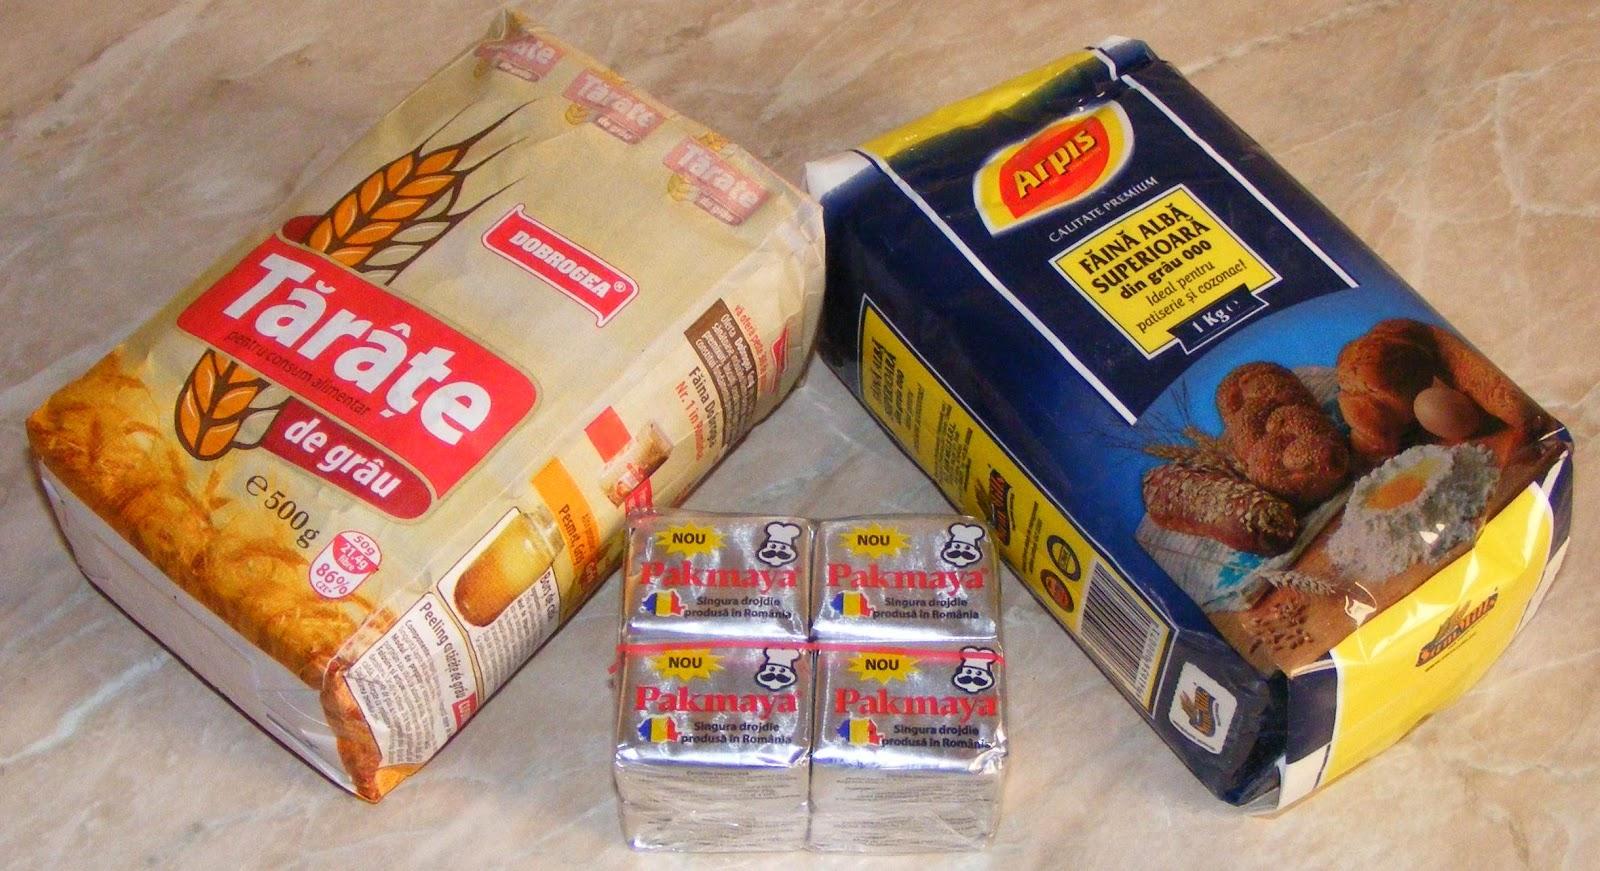 ingrediente paine, ingrediente paine cu tarate, aluat paine, aluat pentru paine, coca paine, coca pentru pine, aluat, coca, paine, paine de casa, paine cu tarate, retete culinare, preparate culinare, retete paine, reteta paine,